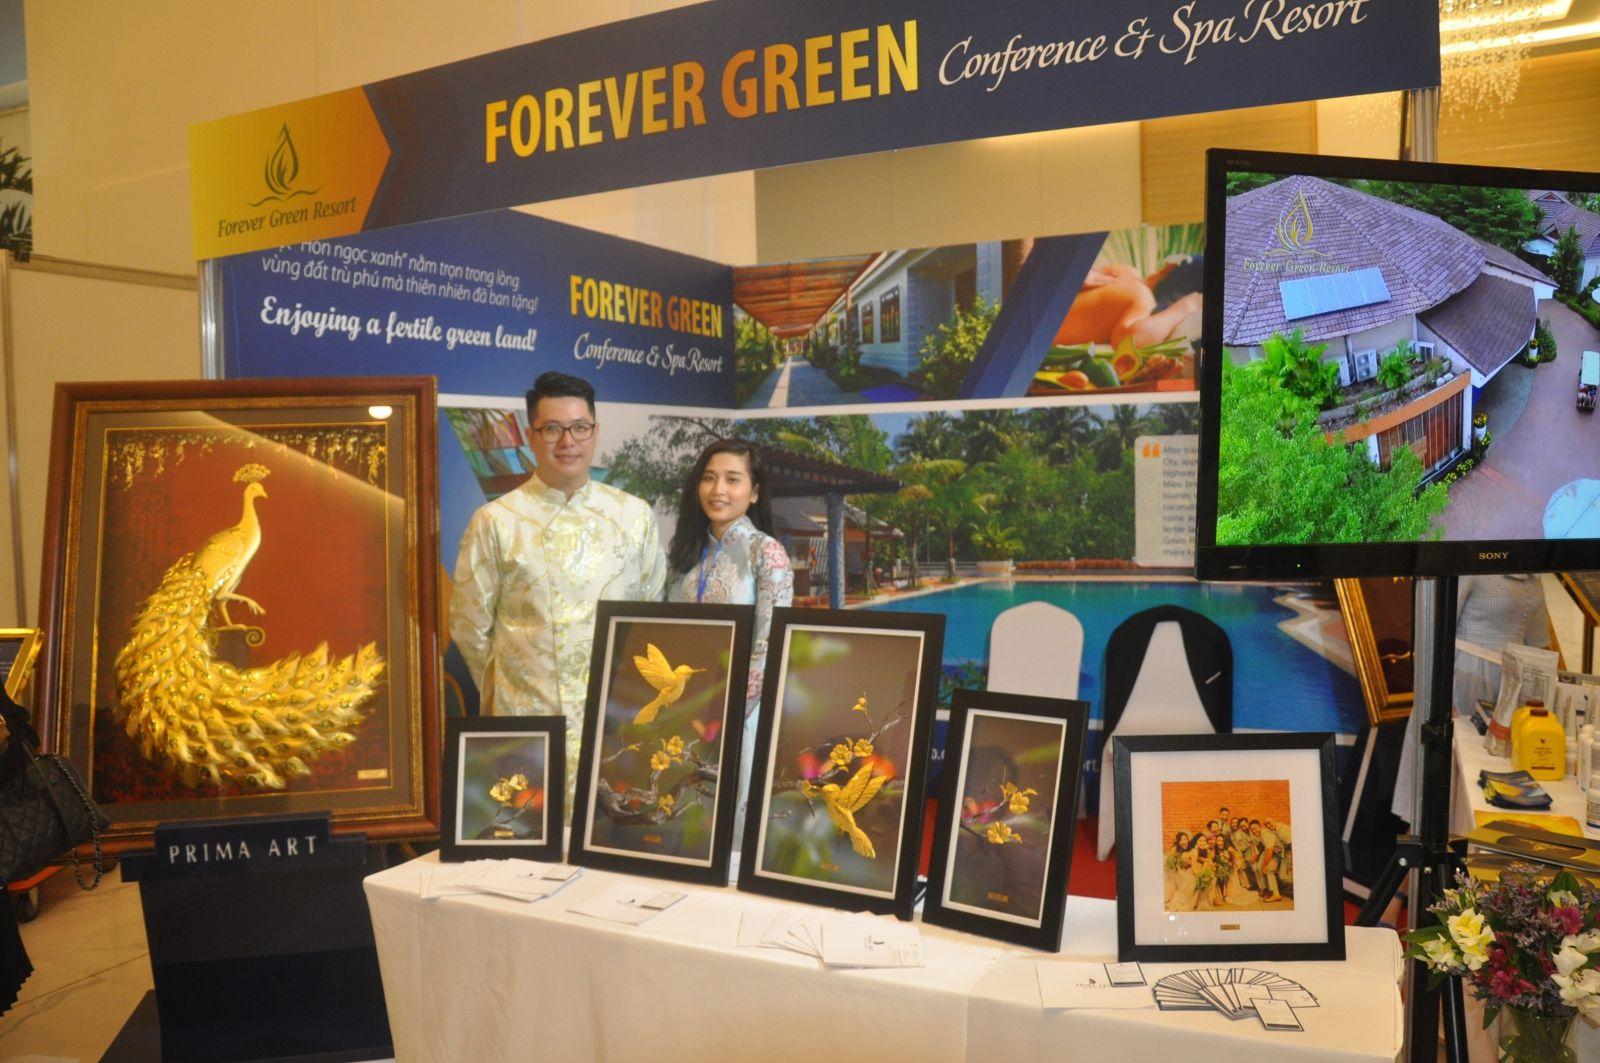 Gian hàng của Forever Green resort tại Triển lãm VIFR 2019